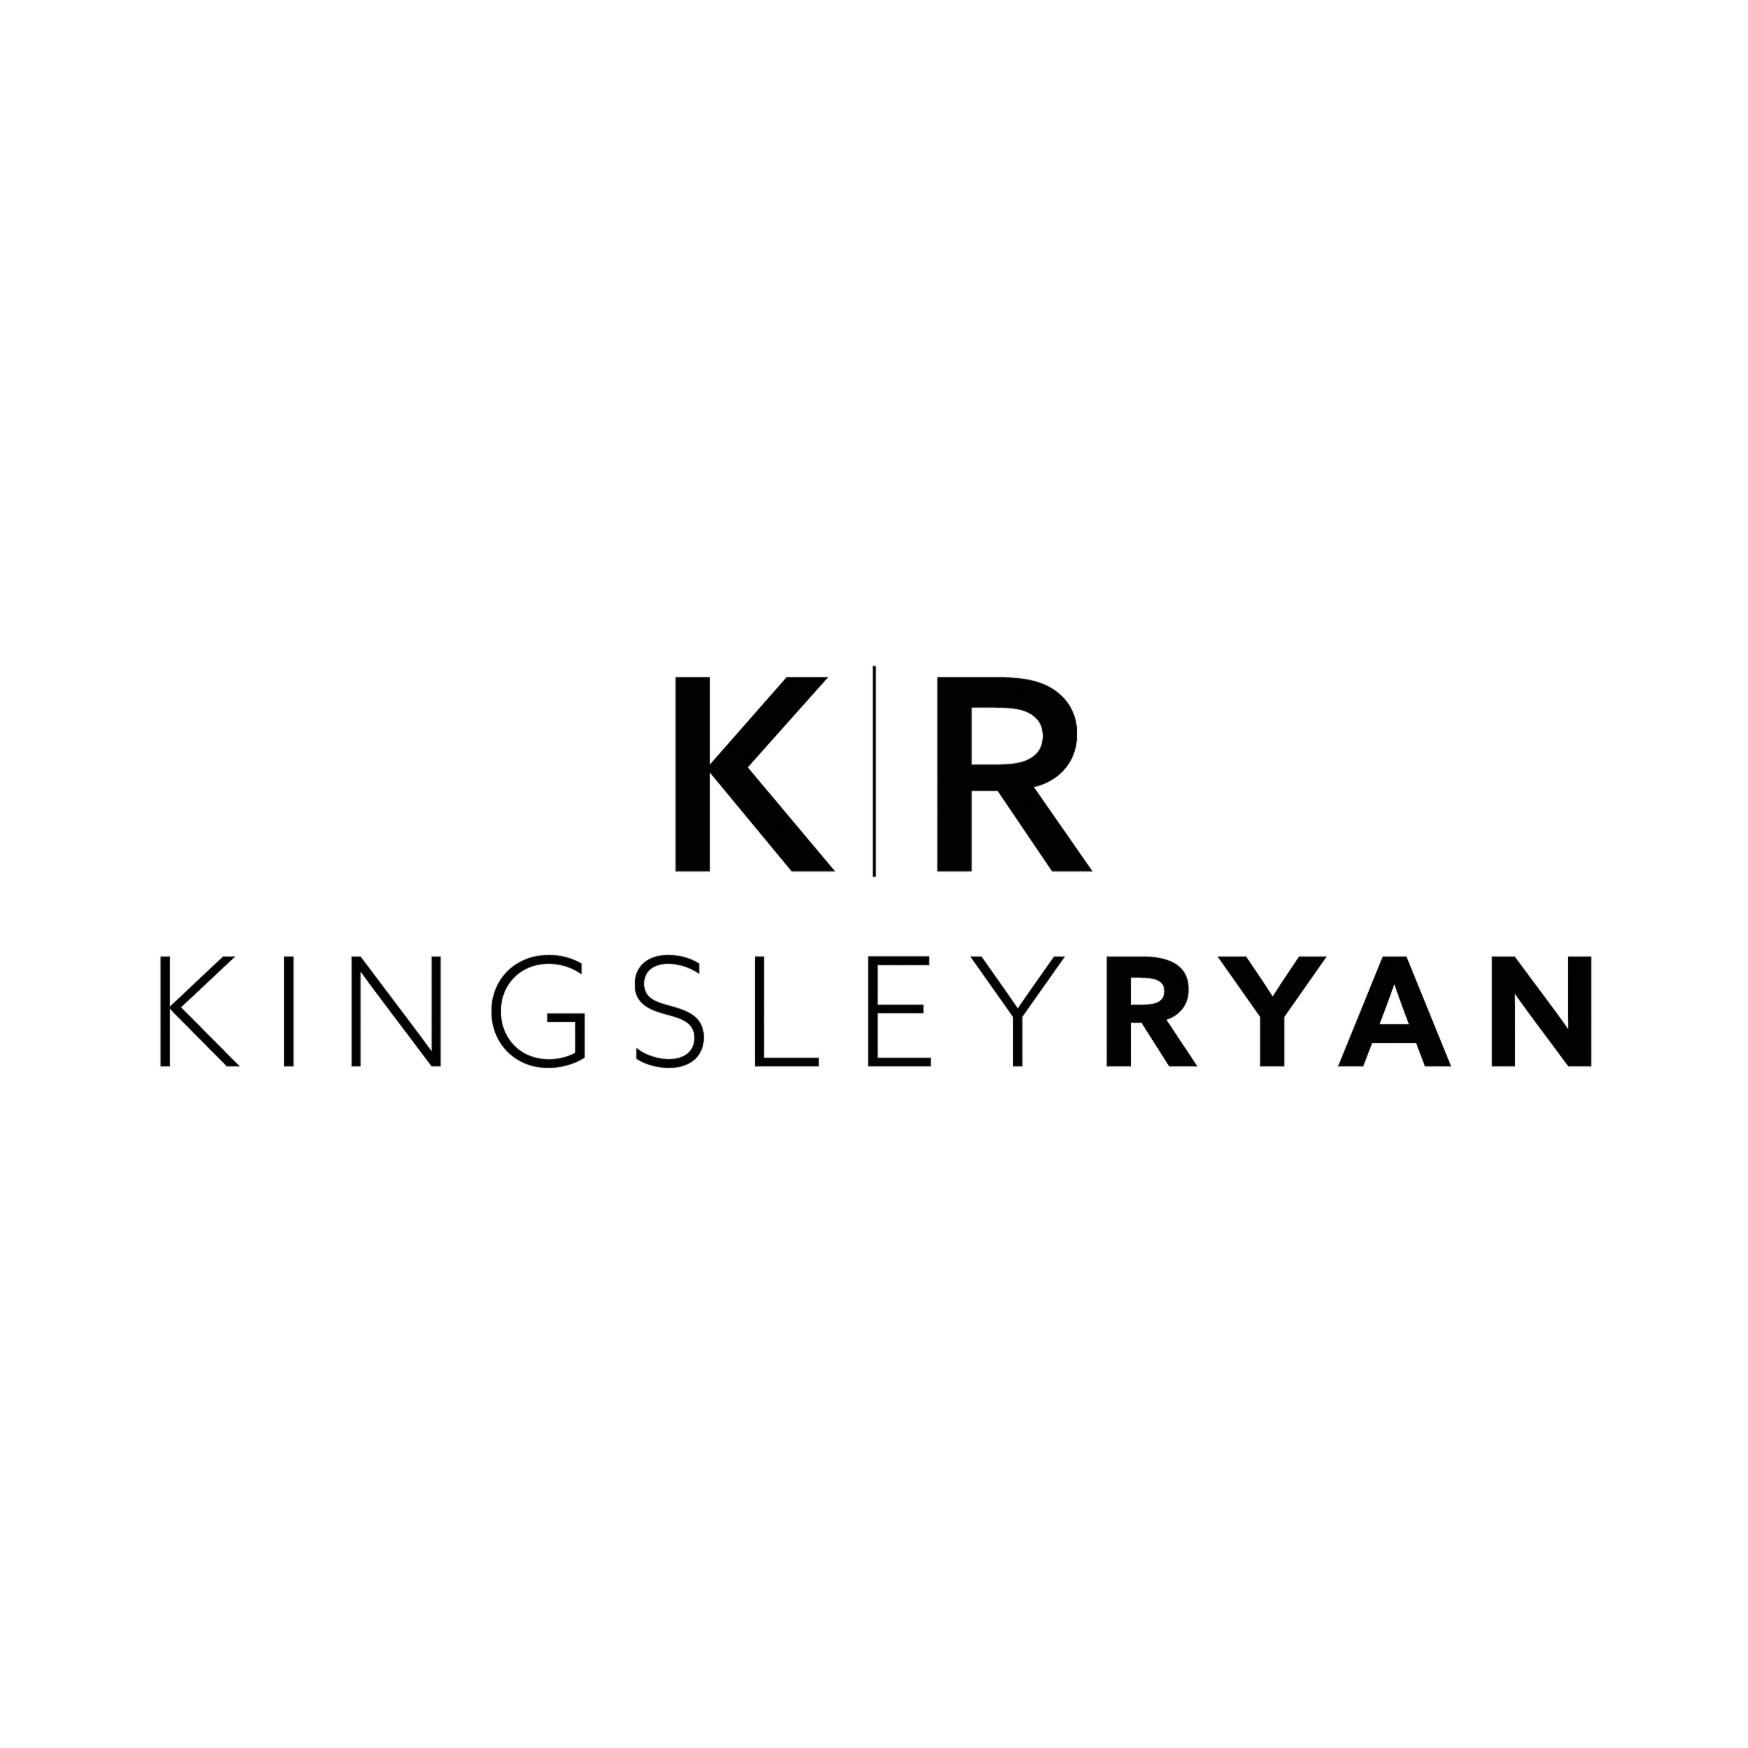 Kingsley Ryan